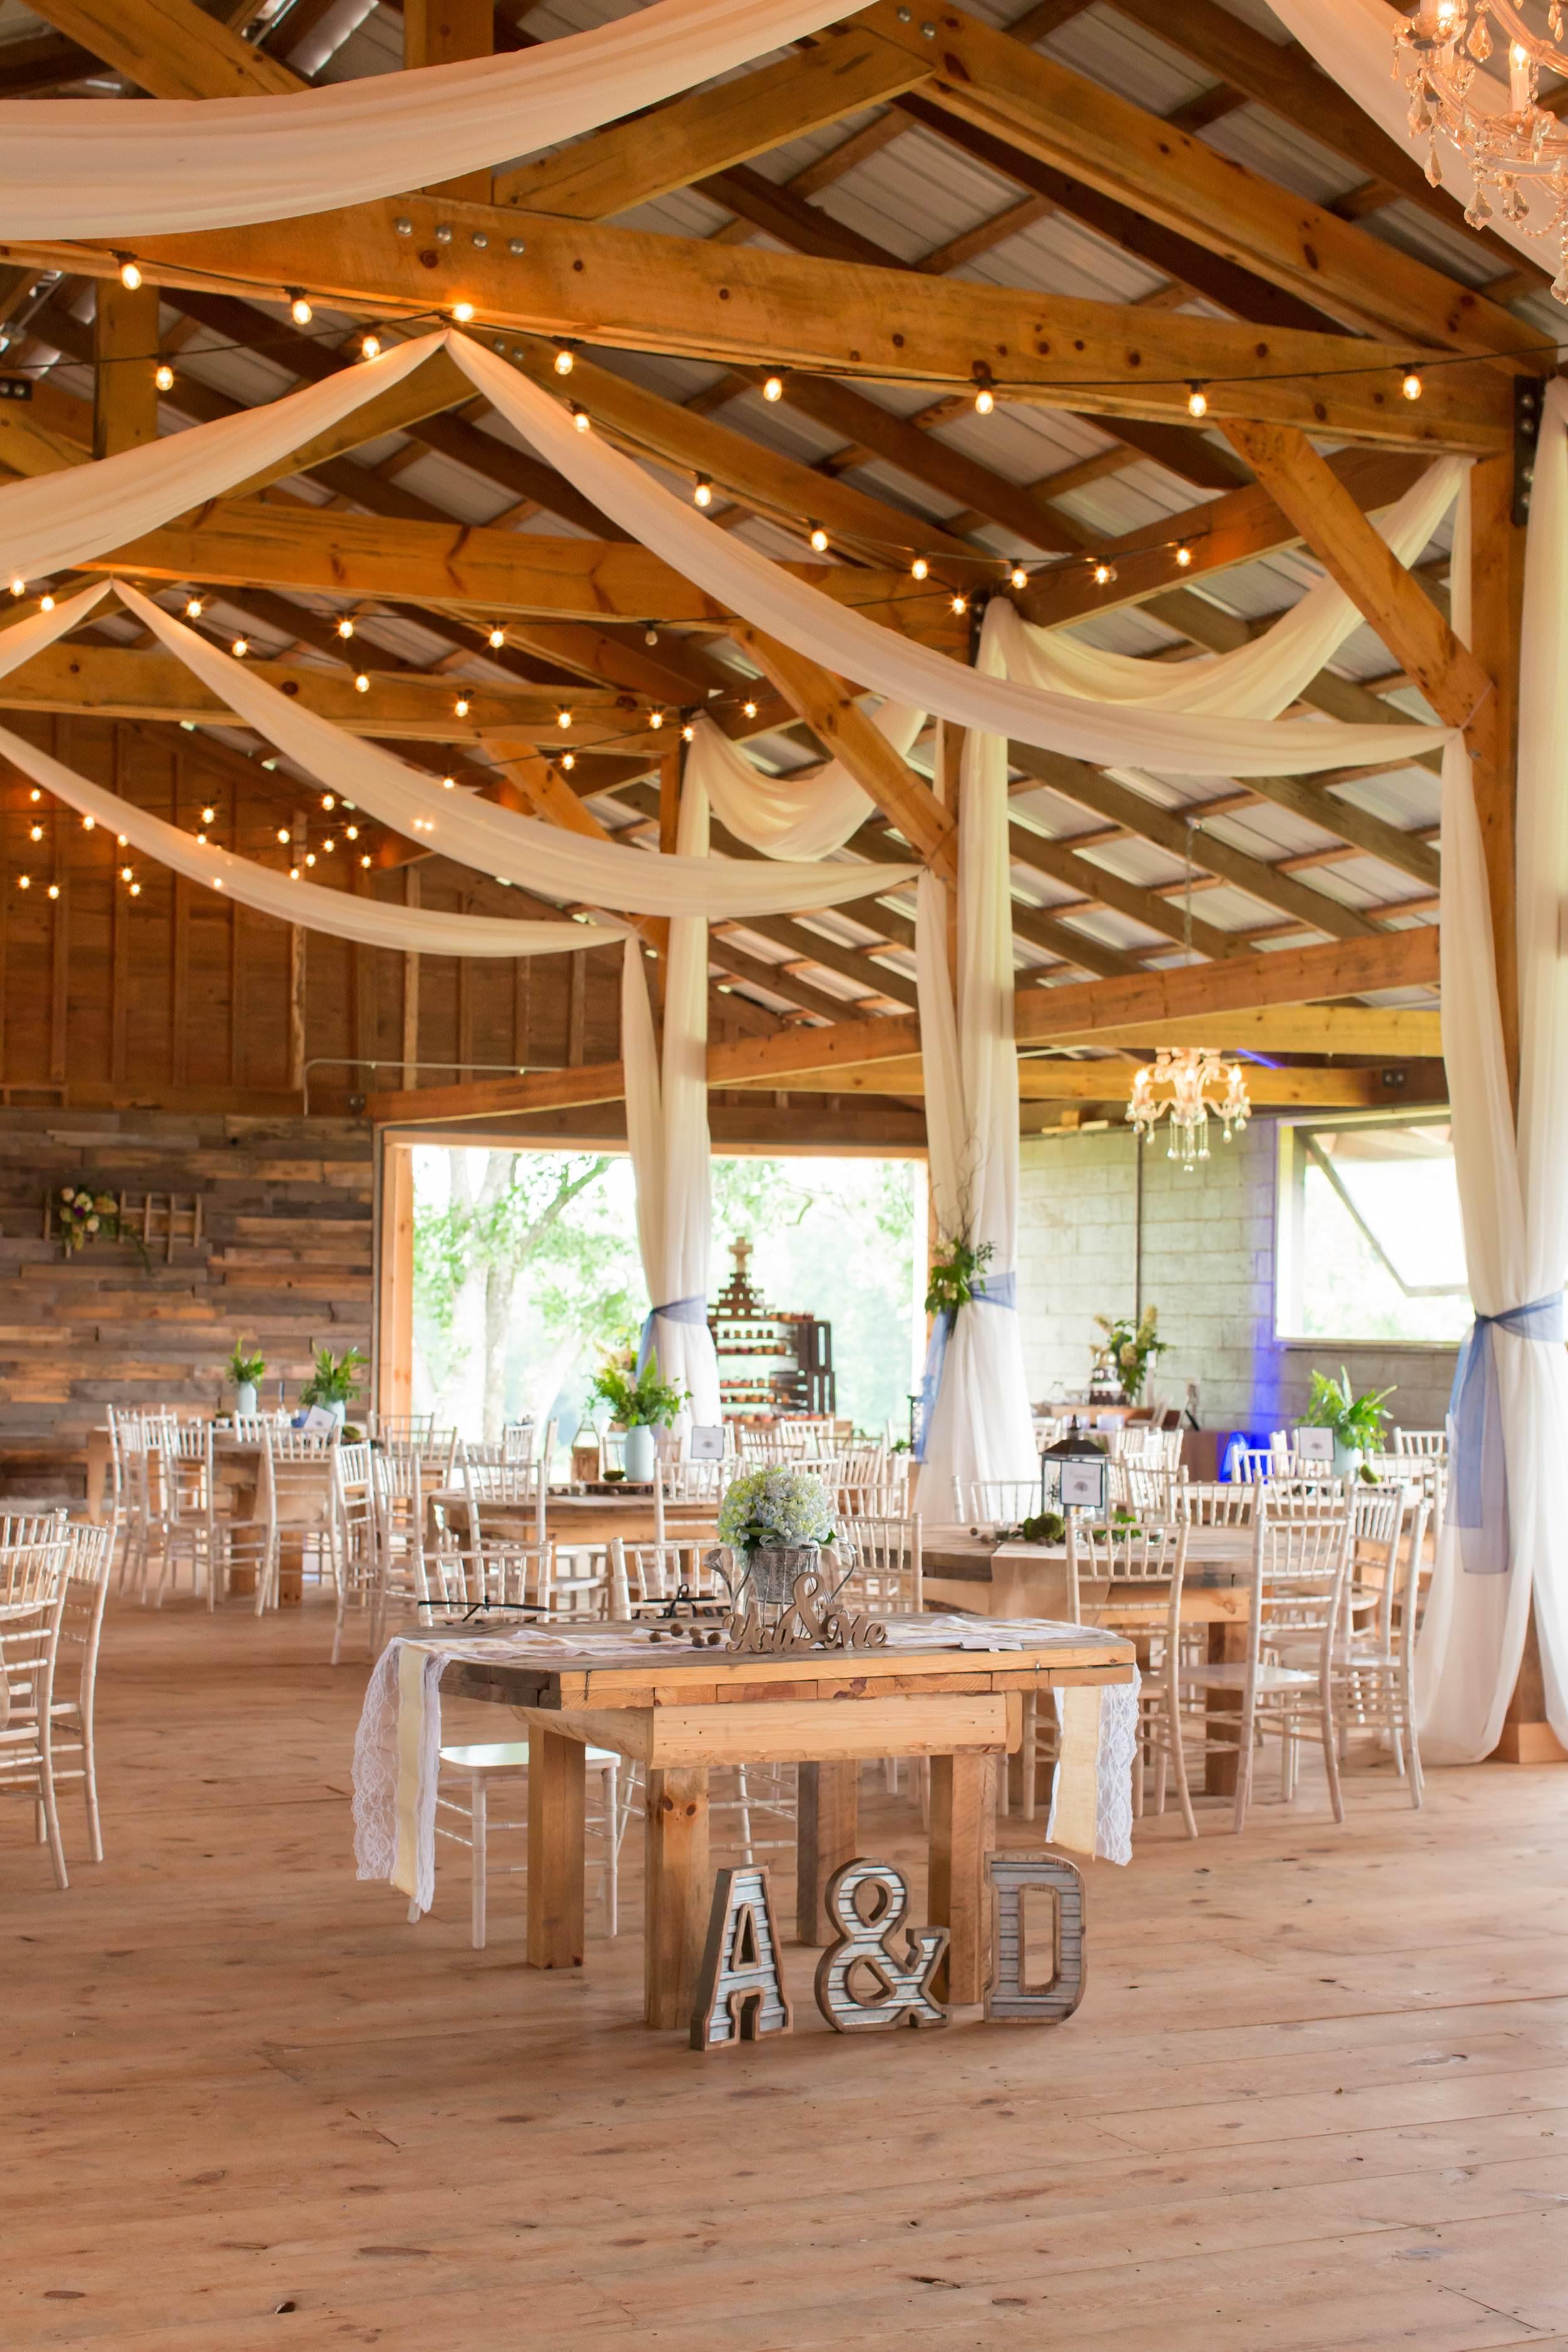 Abby-Manor-Events-Wedding-Photos50.jpg